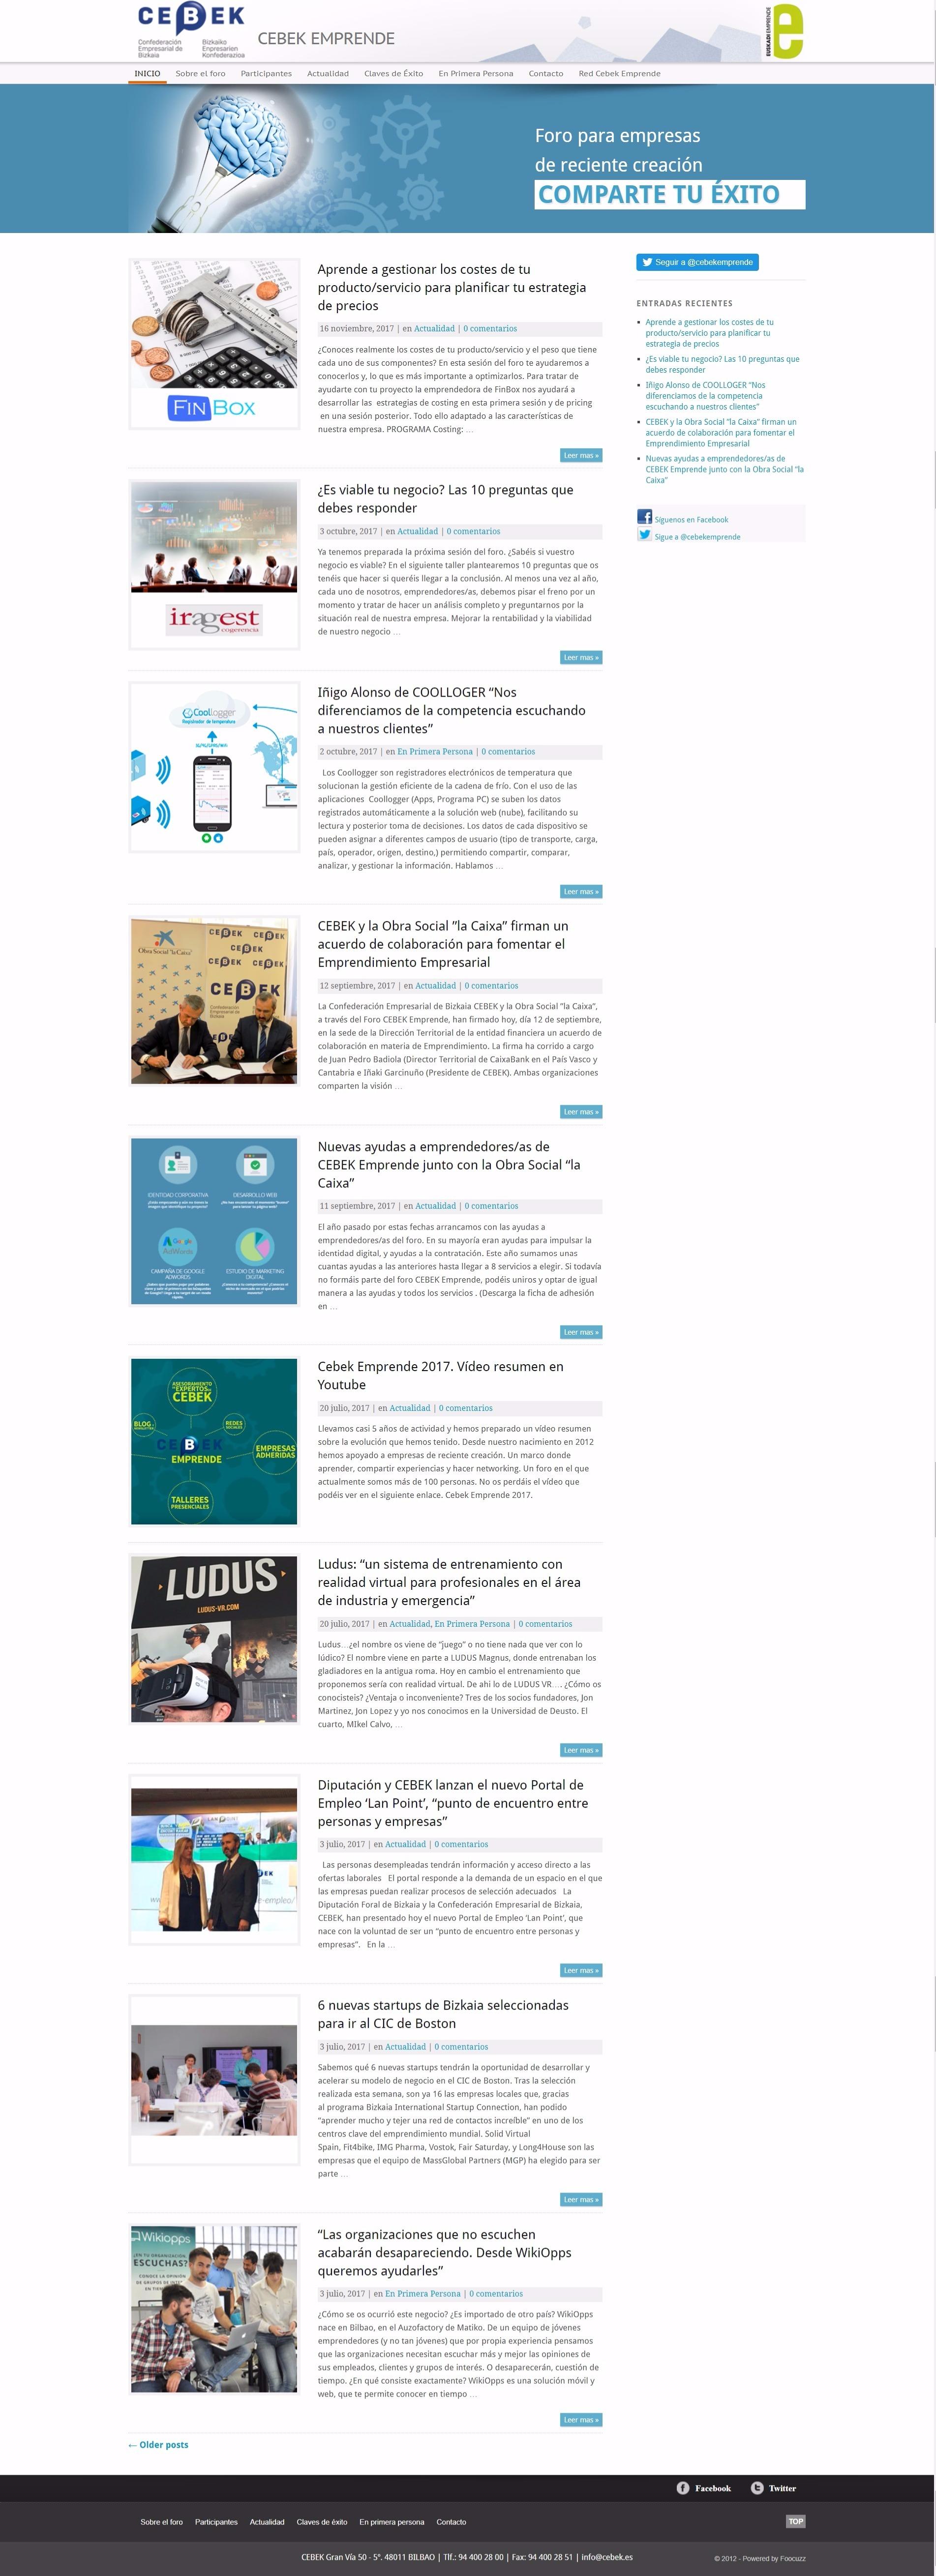 Diseño y desarrollo web Cebek Emprende